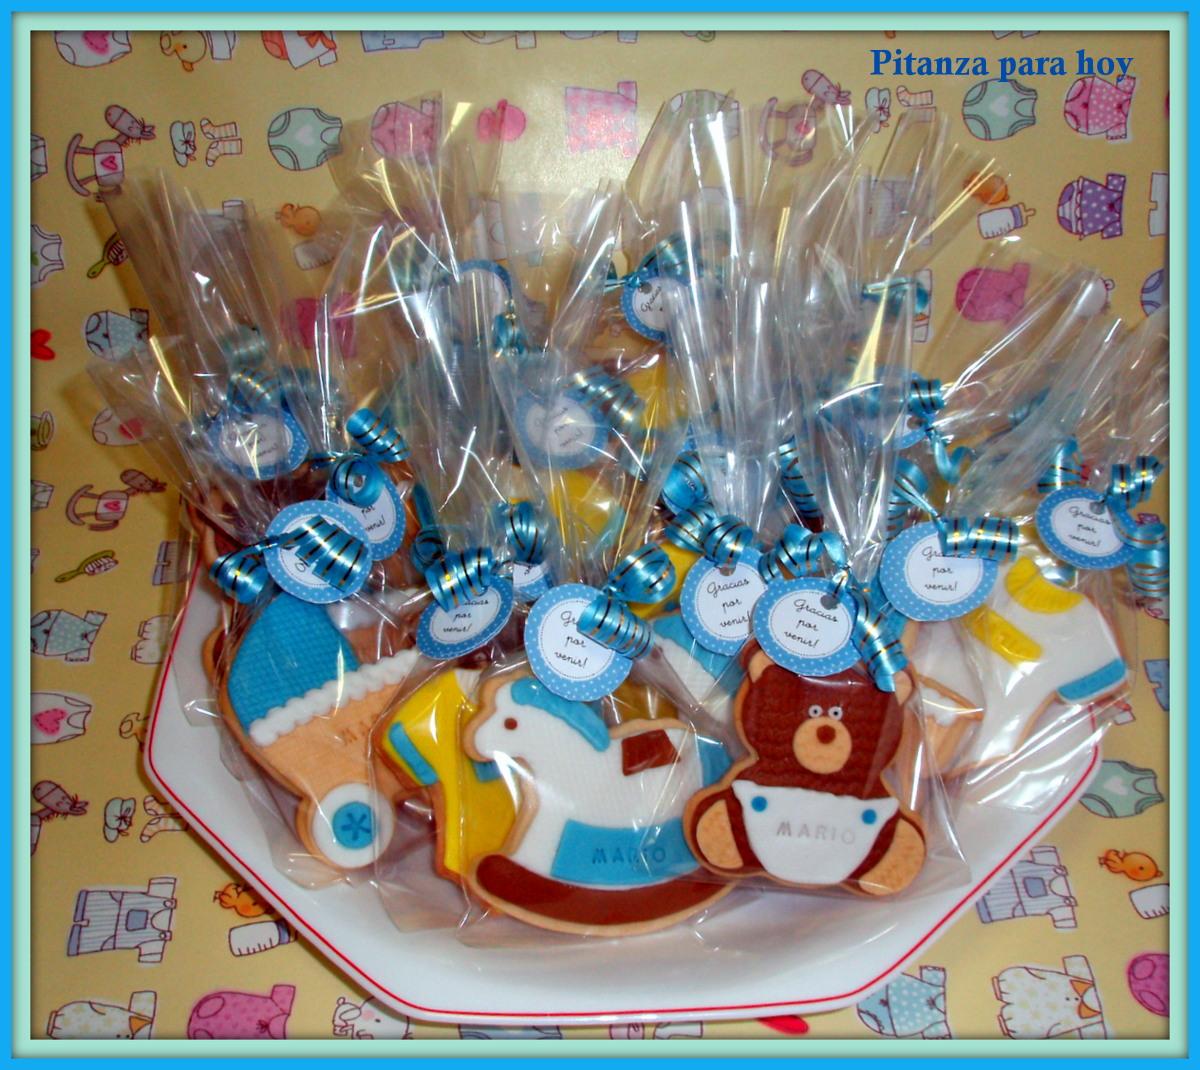 Pitanza para hoy: Galletas Baby Shower de niño